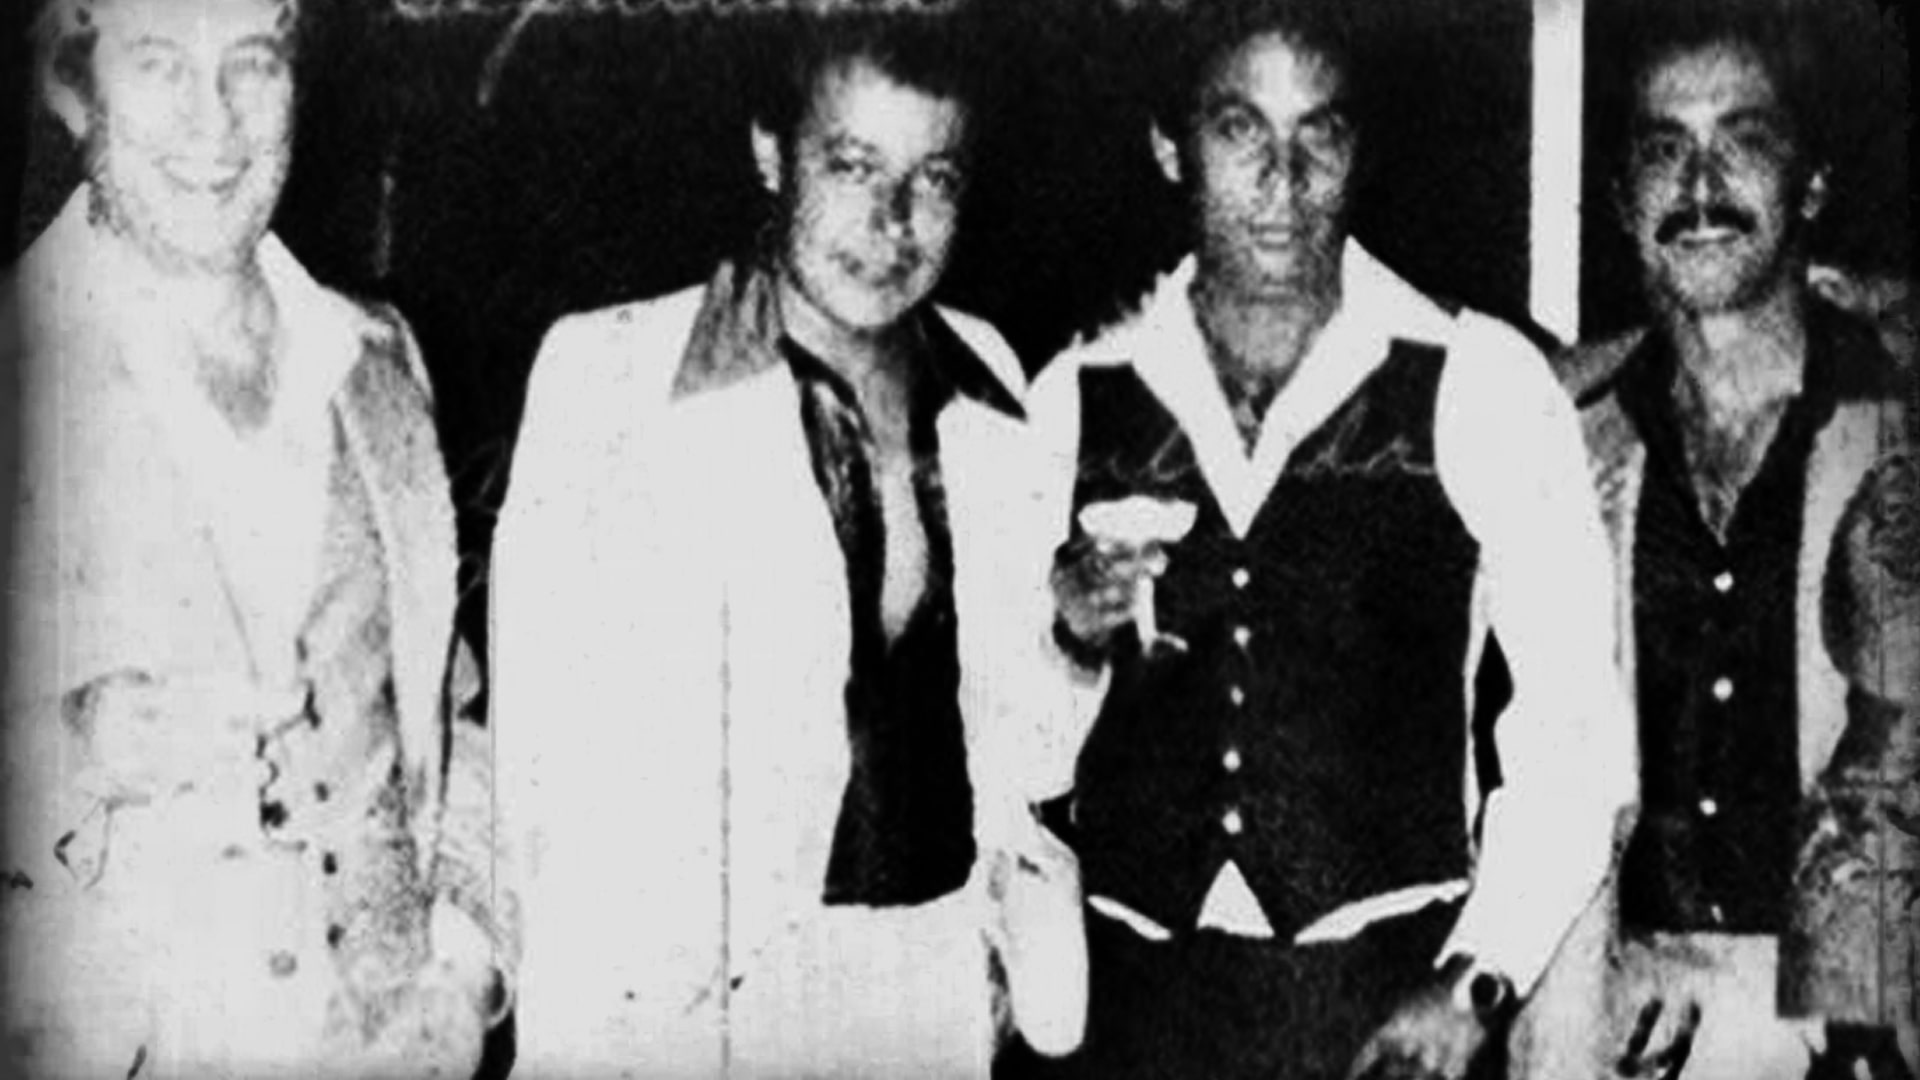 Narcos de miami dans les années 80